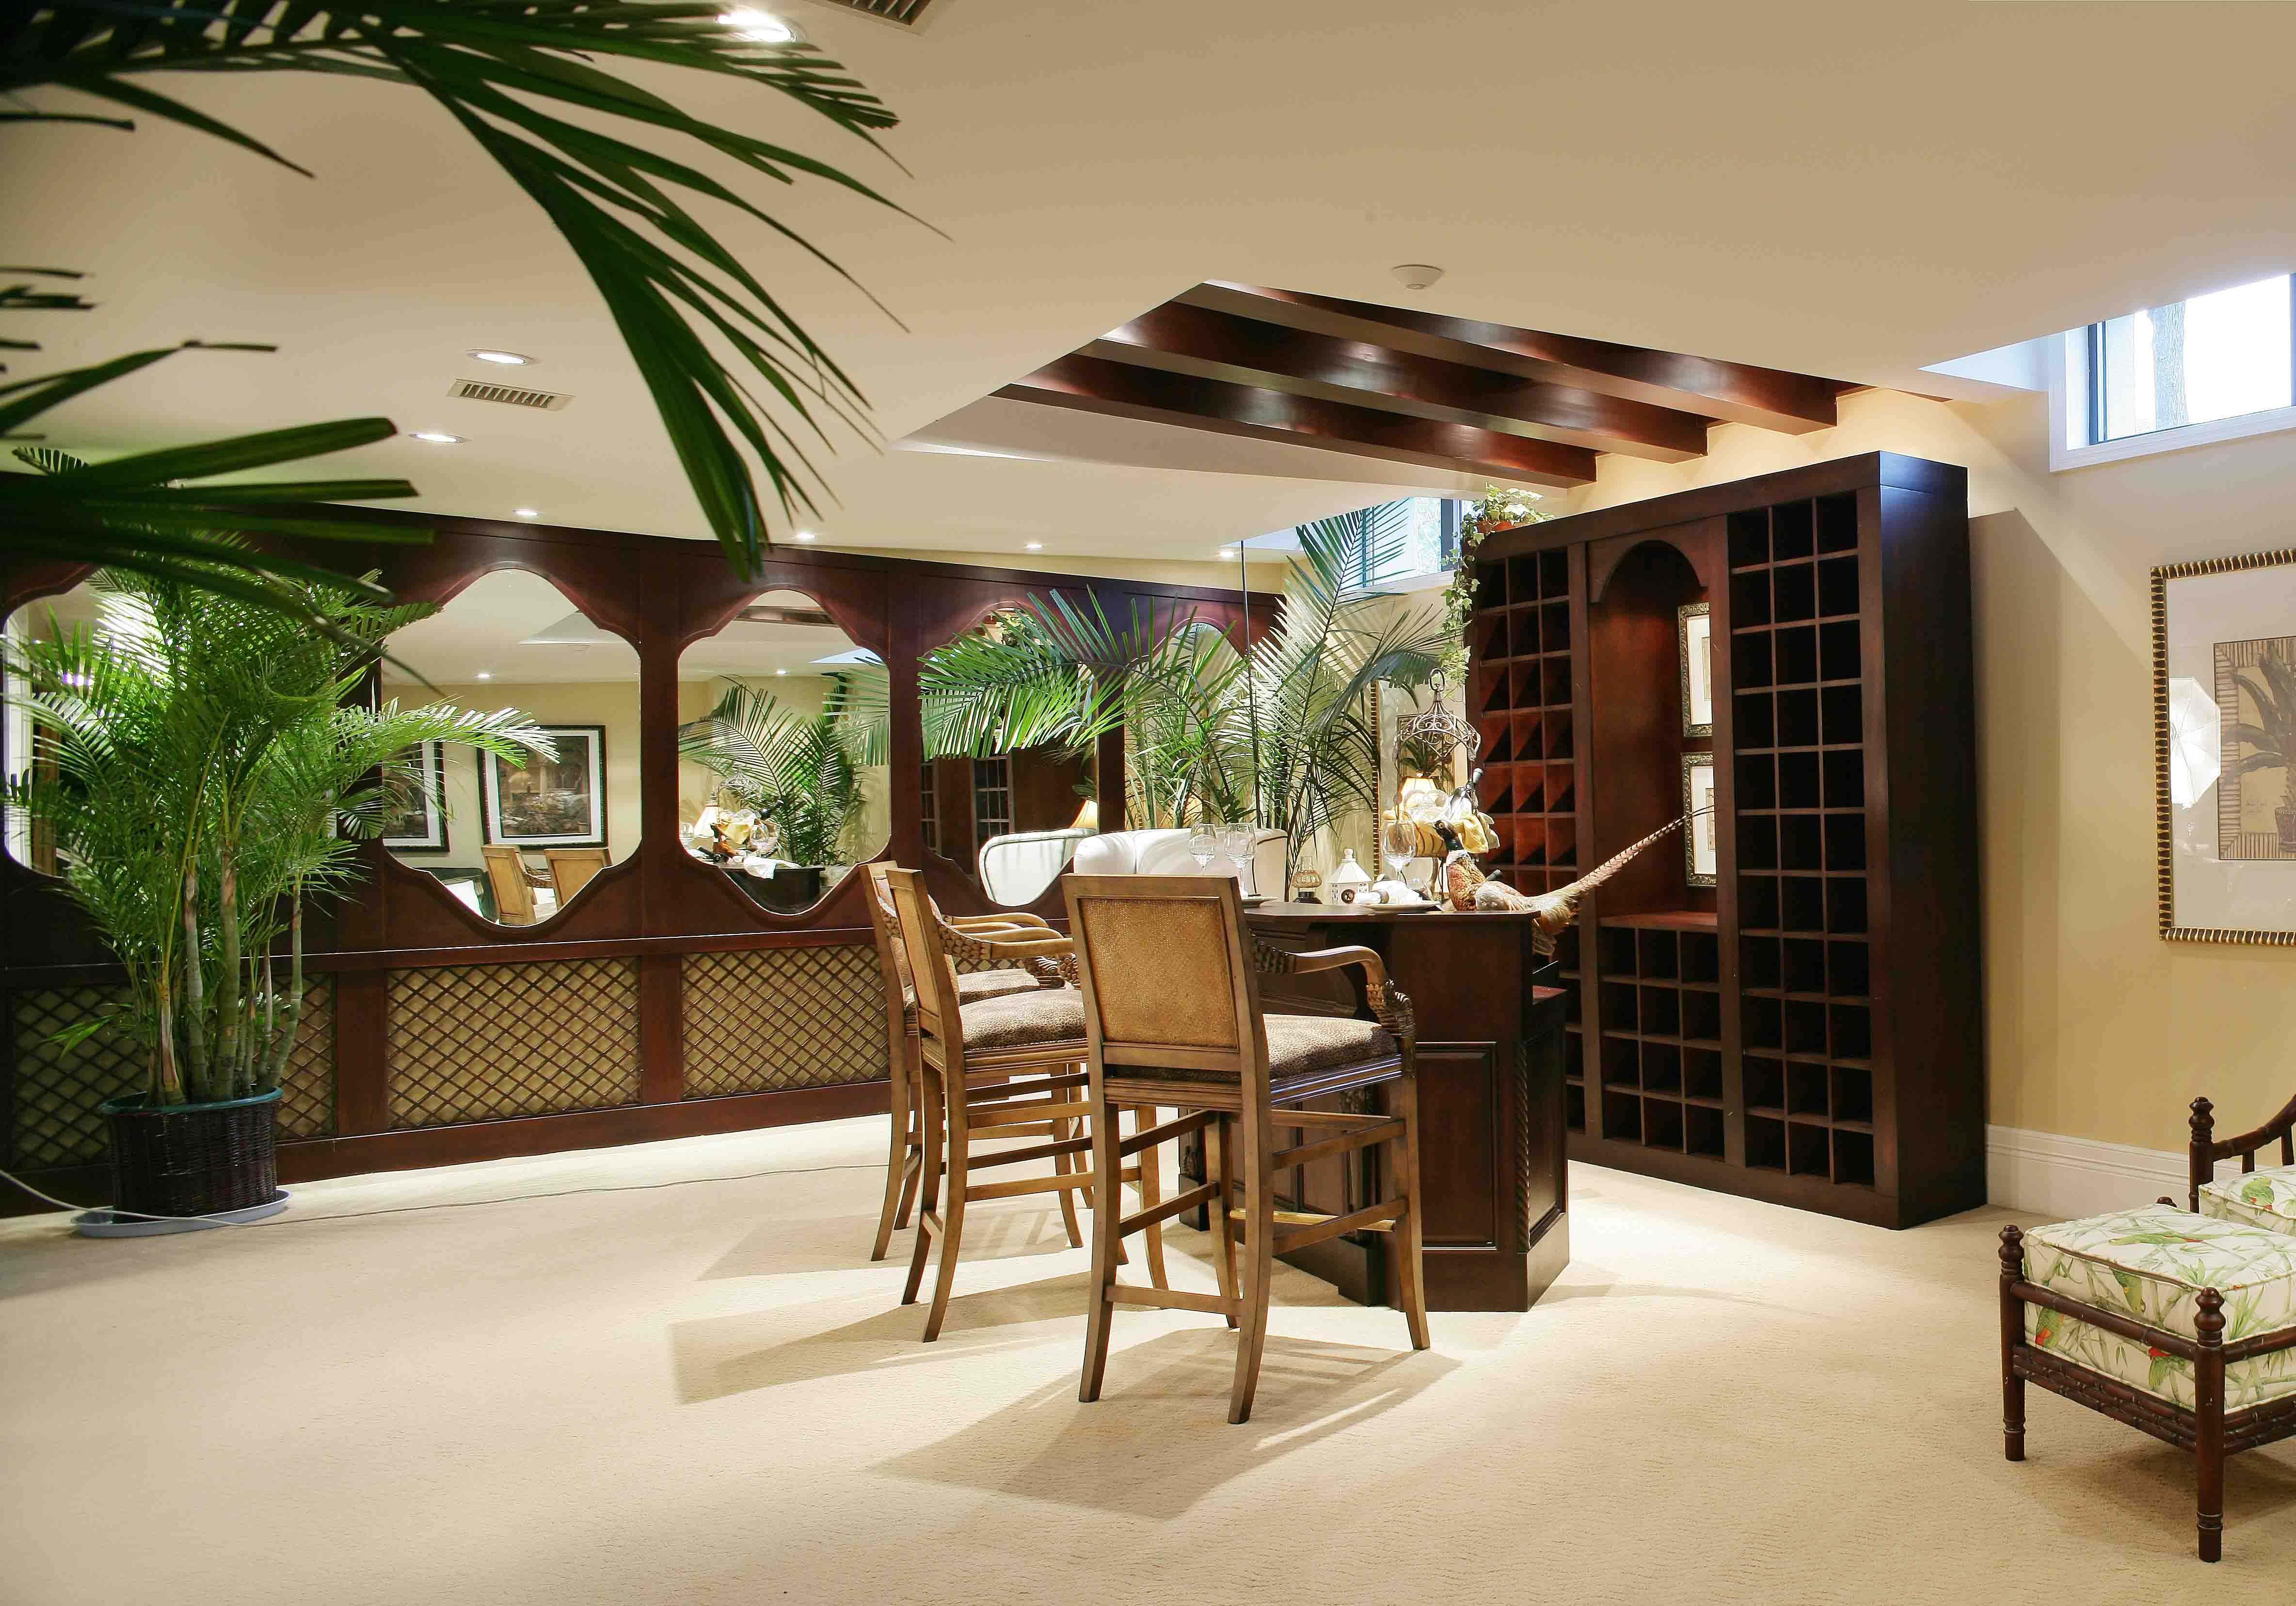 农村东南亚风格别墅装修效果图,高端别墅装修东南亚风格